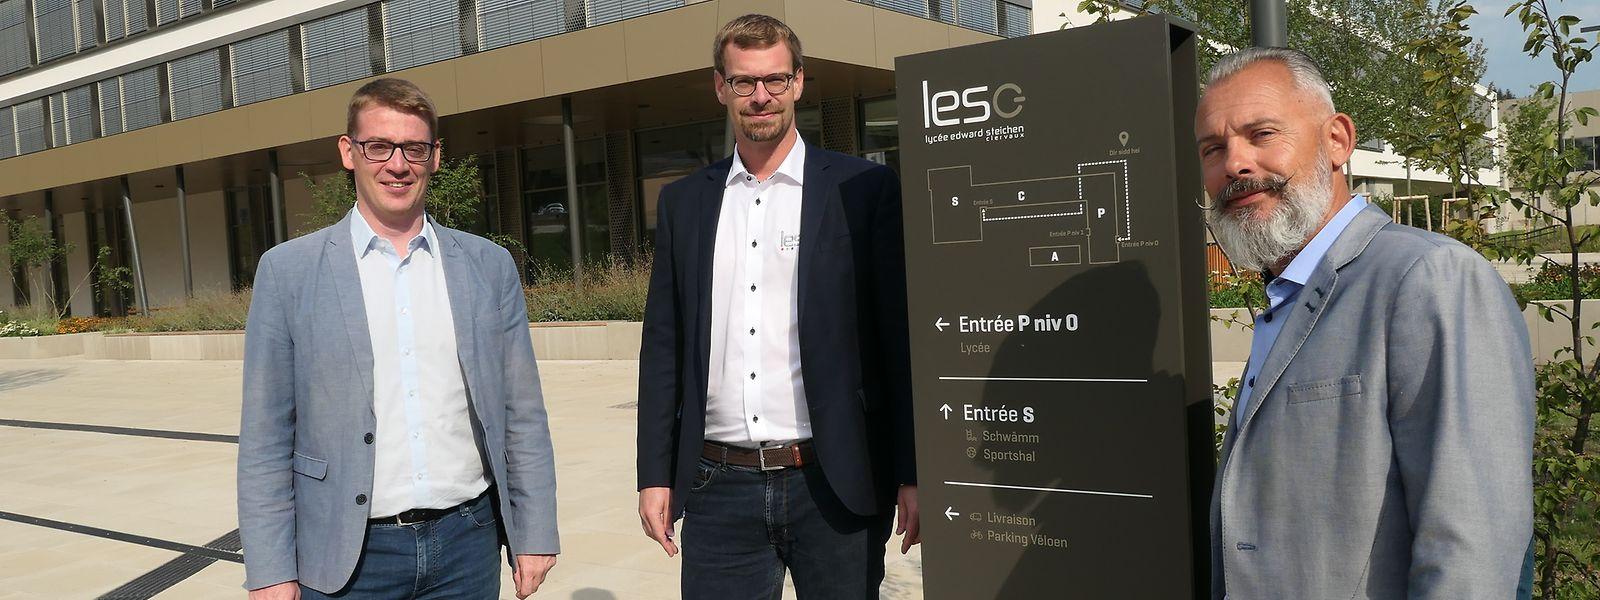 Direktor Jean Billa (r.) und seine beigeordneten Direktorn Max Wolff (1.v.l.) und Claude Huss (2.v.l.) wollen das LESC in den kommenden Jahren nicht nur geografisch an der Spitze der Luxemburger Schullandschaft verankern.